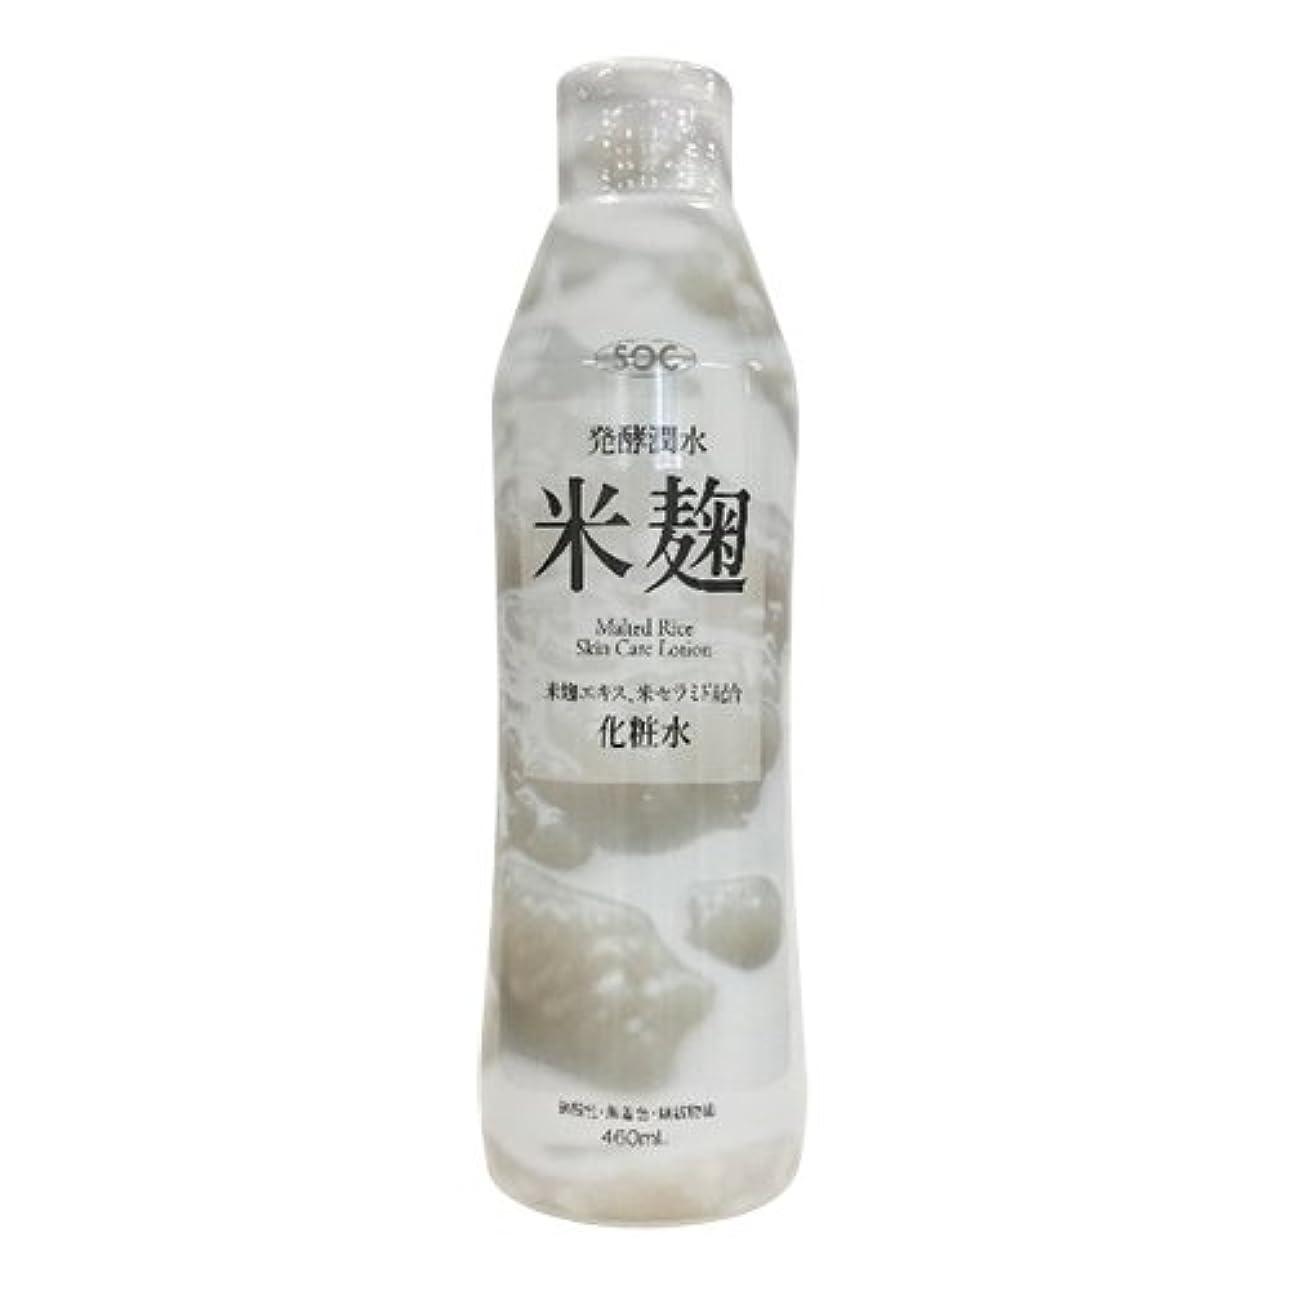 できない大使中間SOC 米麹配合化粧水 (460mL)